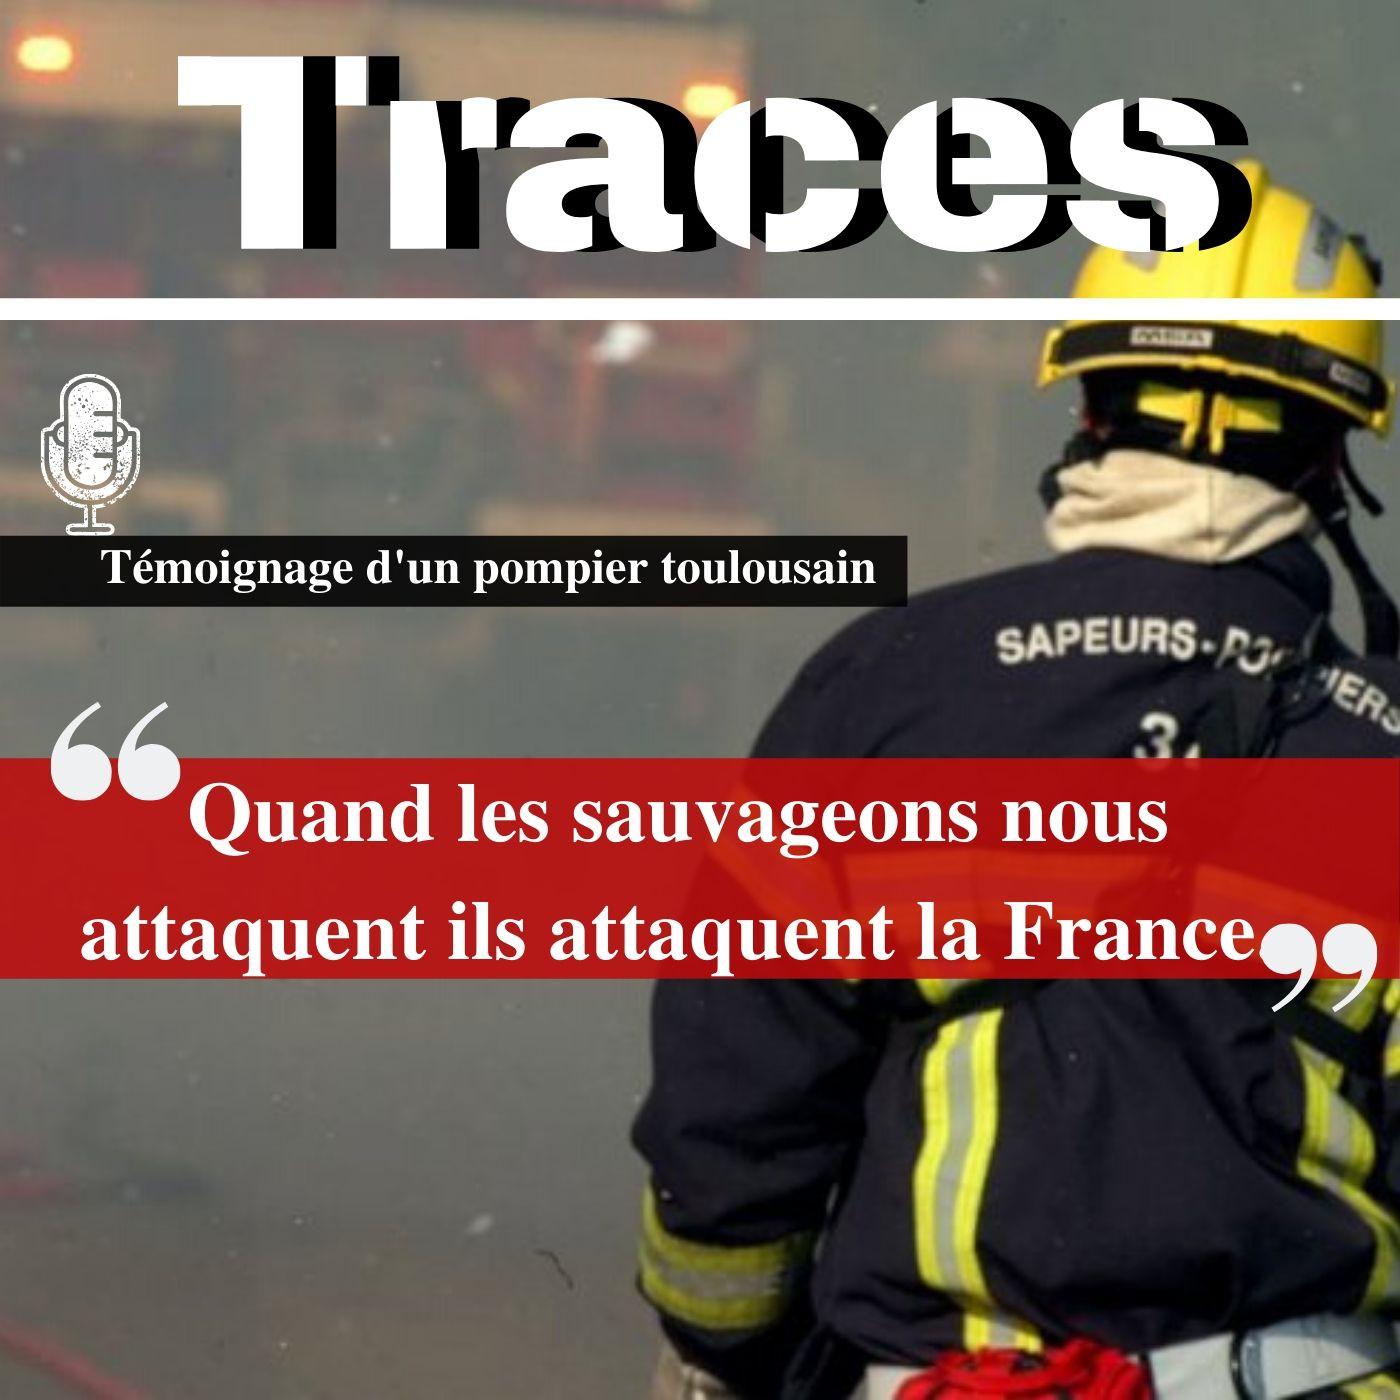 """Un Sapeur Pompier : """"Quand les sauvageons nous attaquent ils attaquent la France."""""""